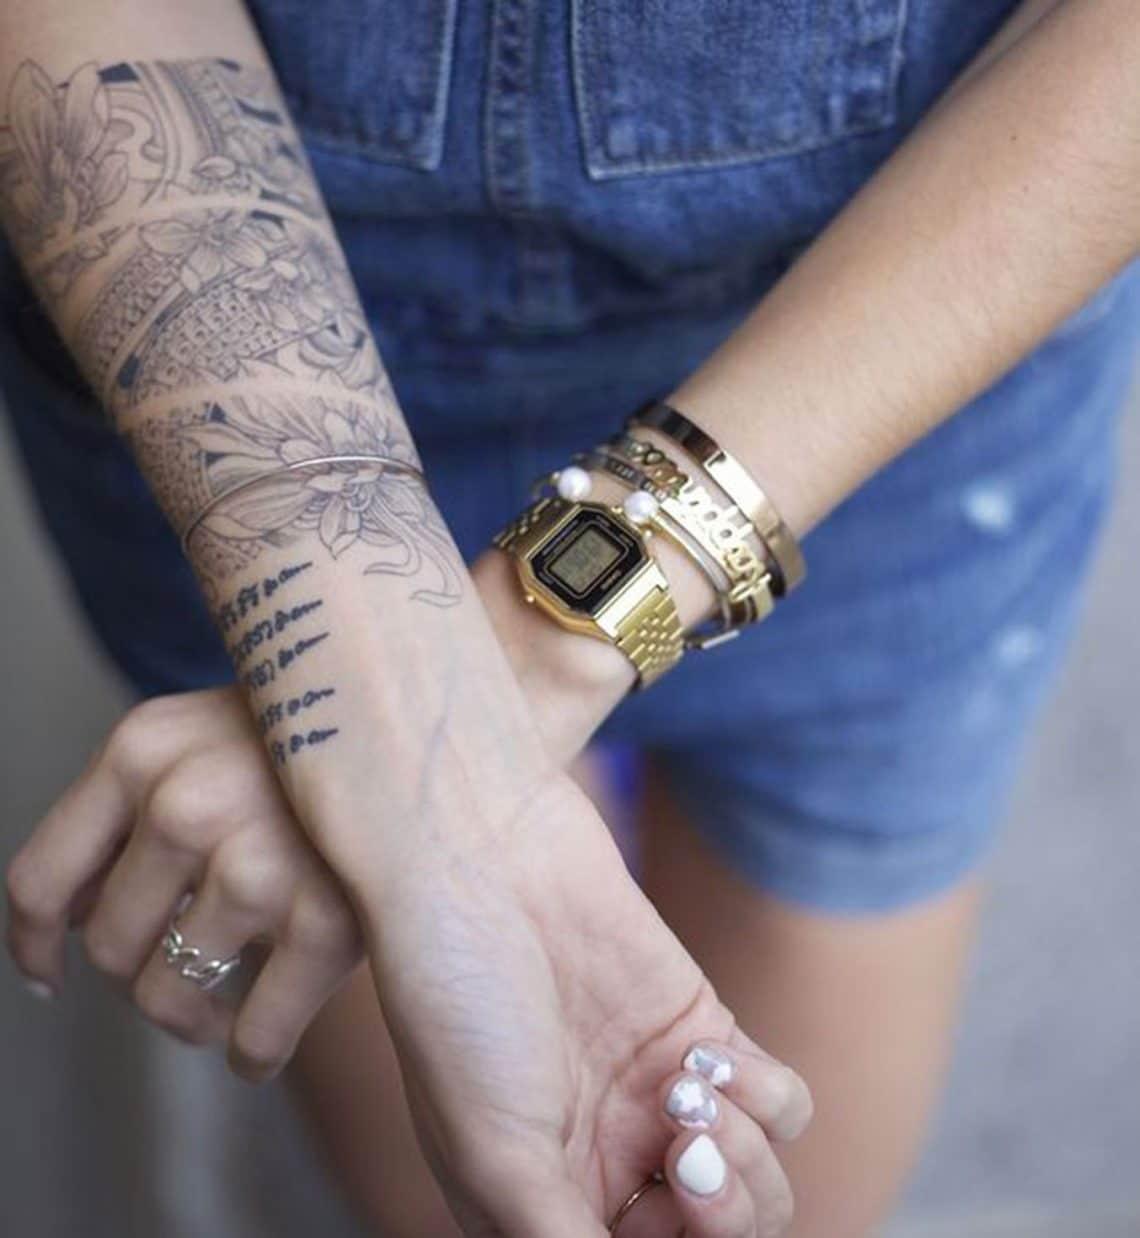 Tatouage Japonais femme : 15+ idées de tatouages et sa signification 10